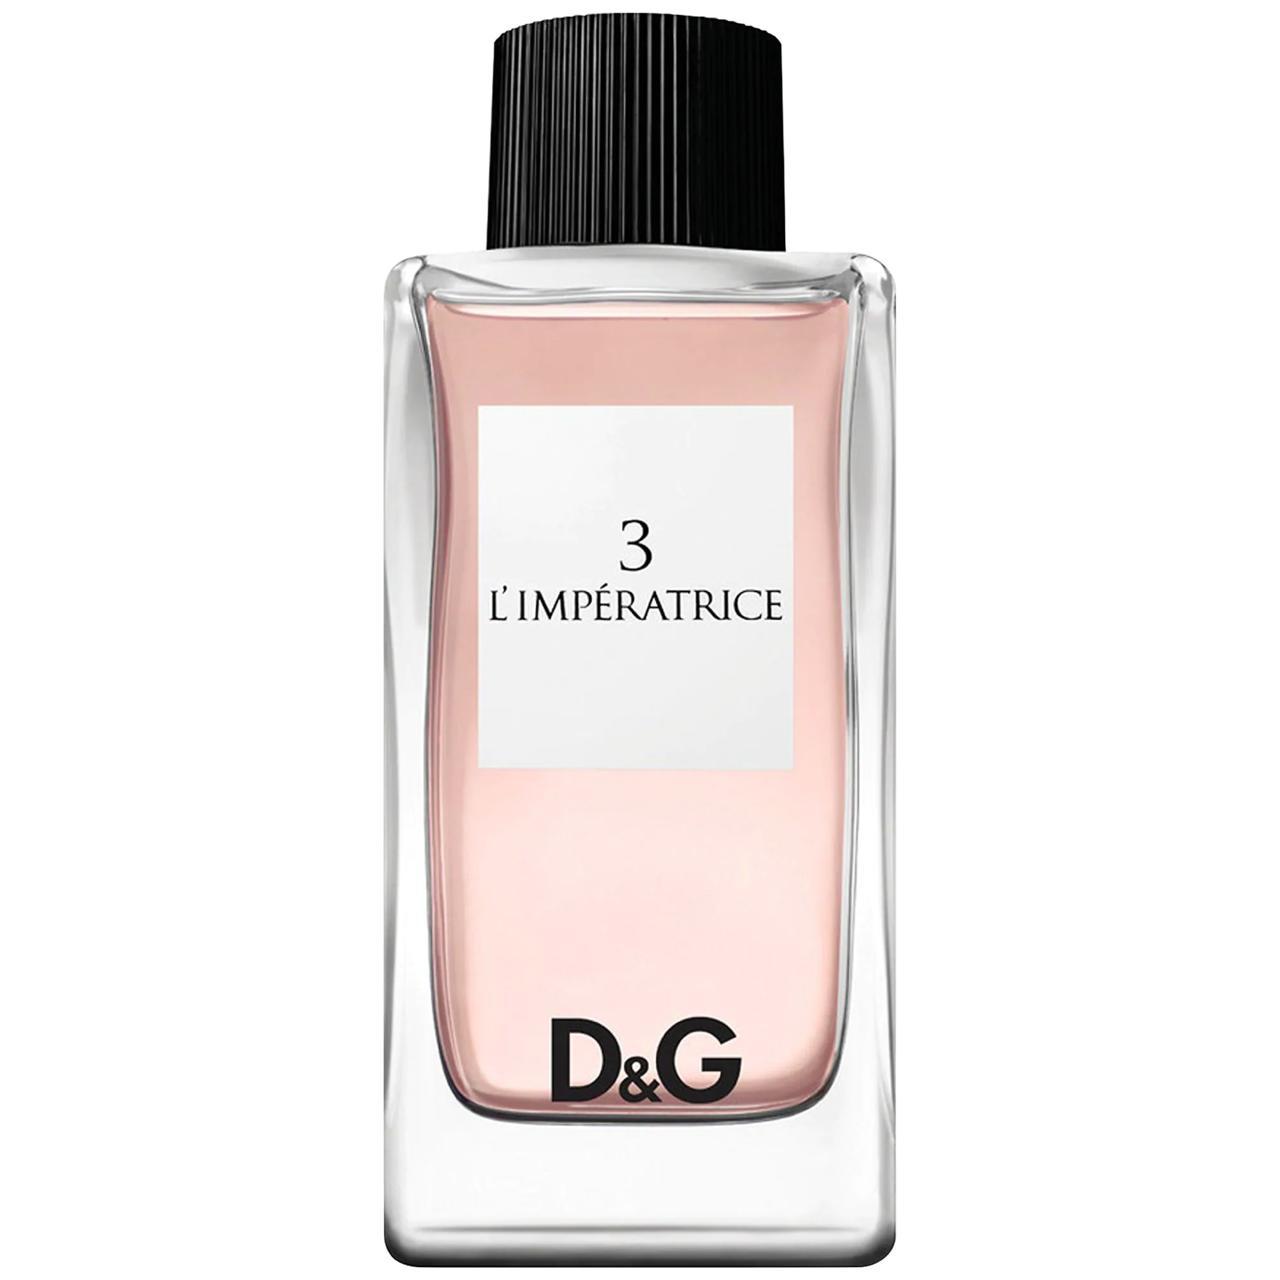 Dolce & Gabbana L'Impératrice Eau de Toilette, 9.499 kr.